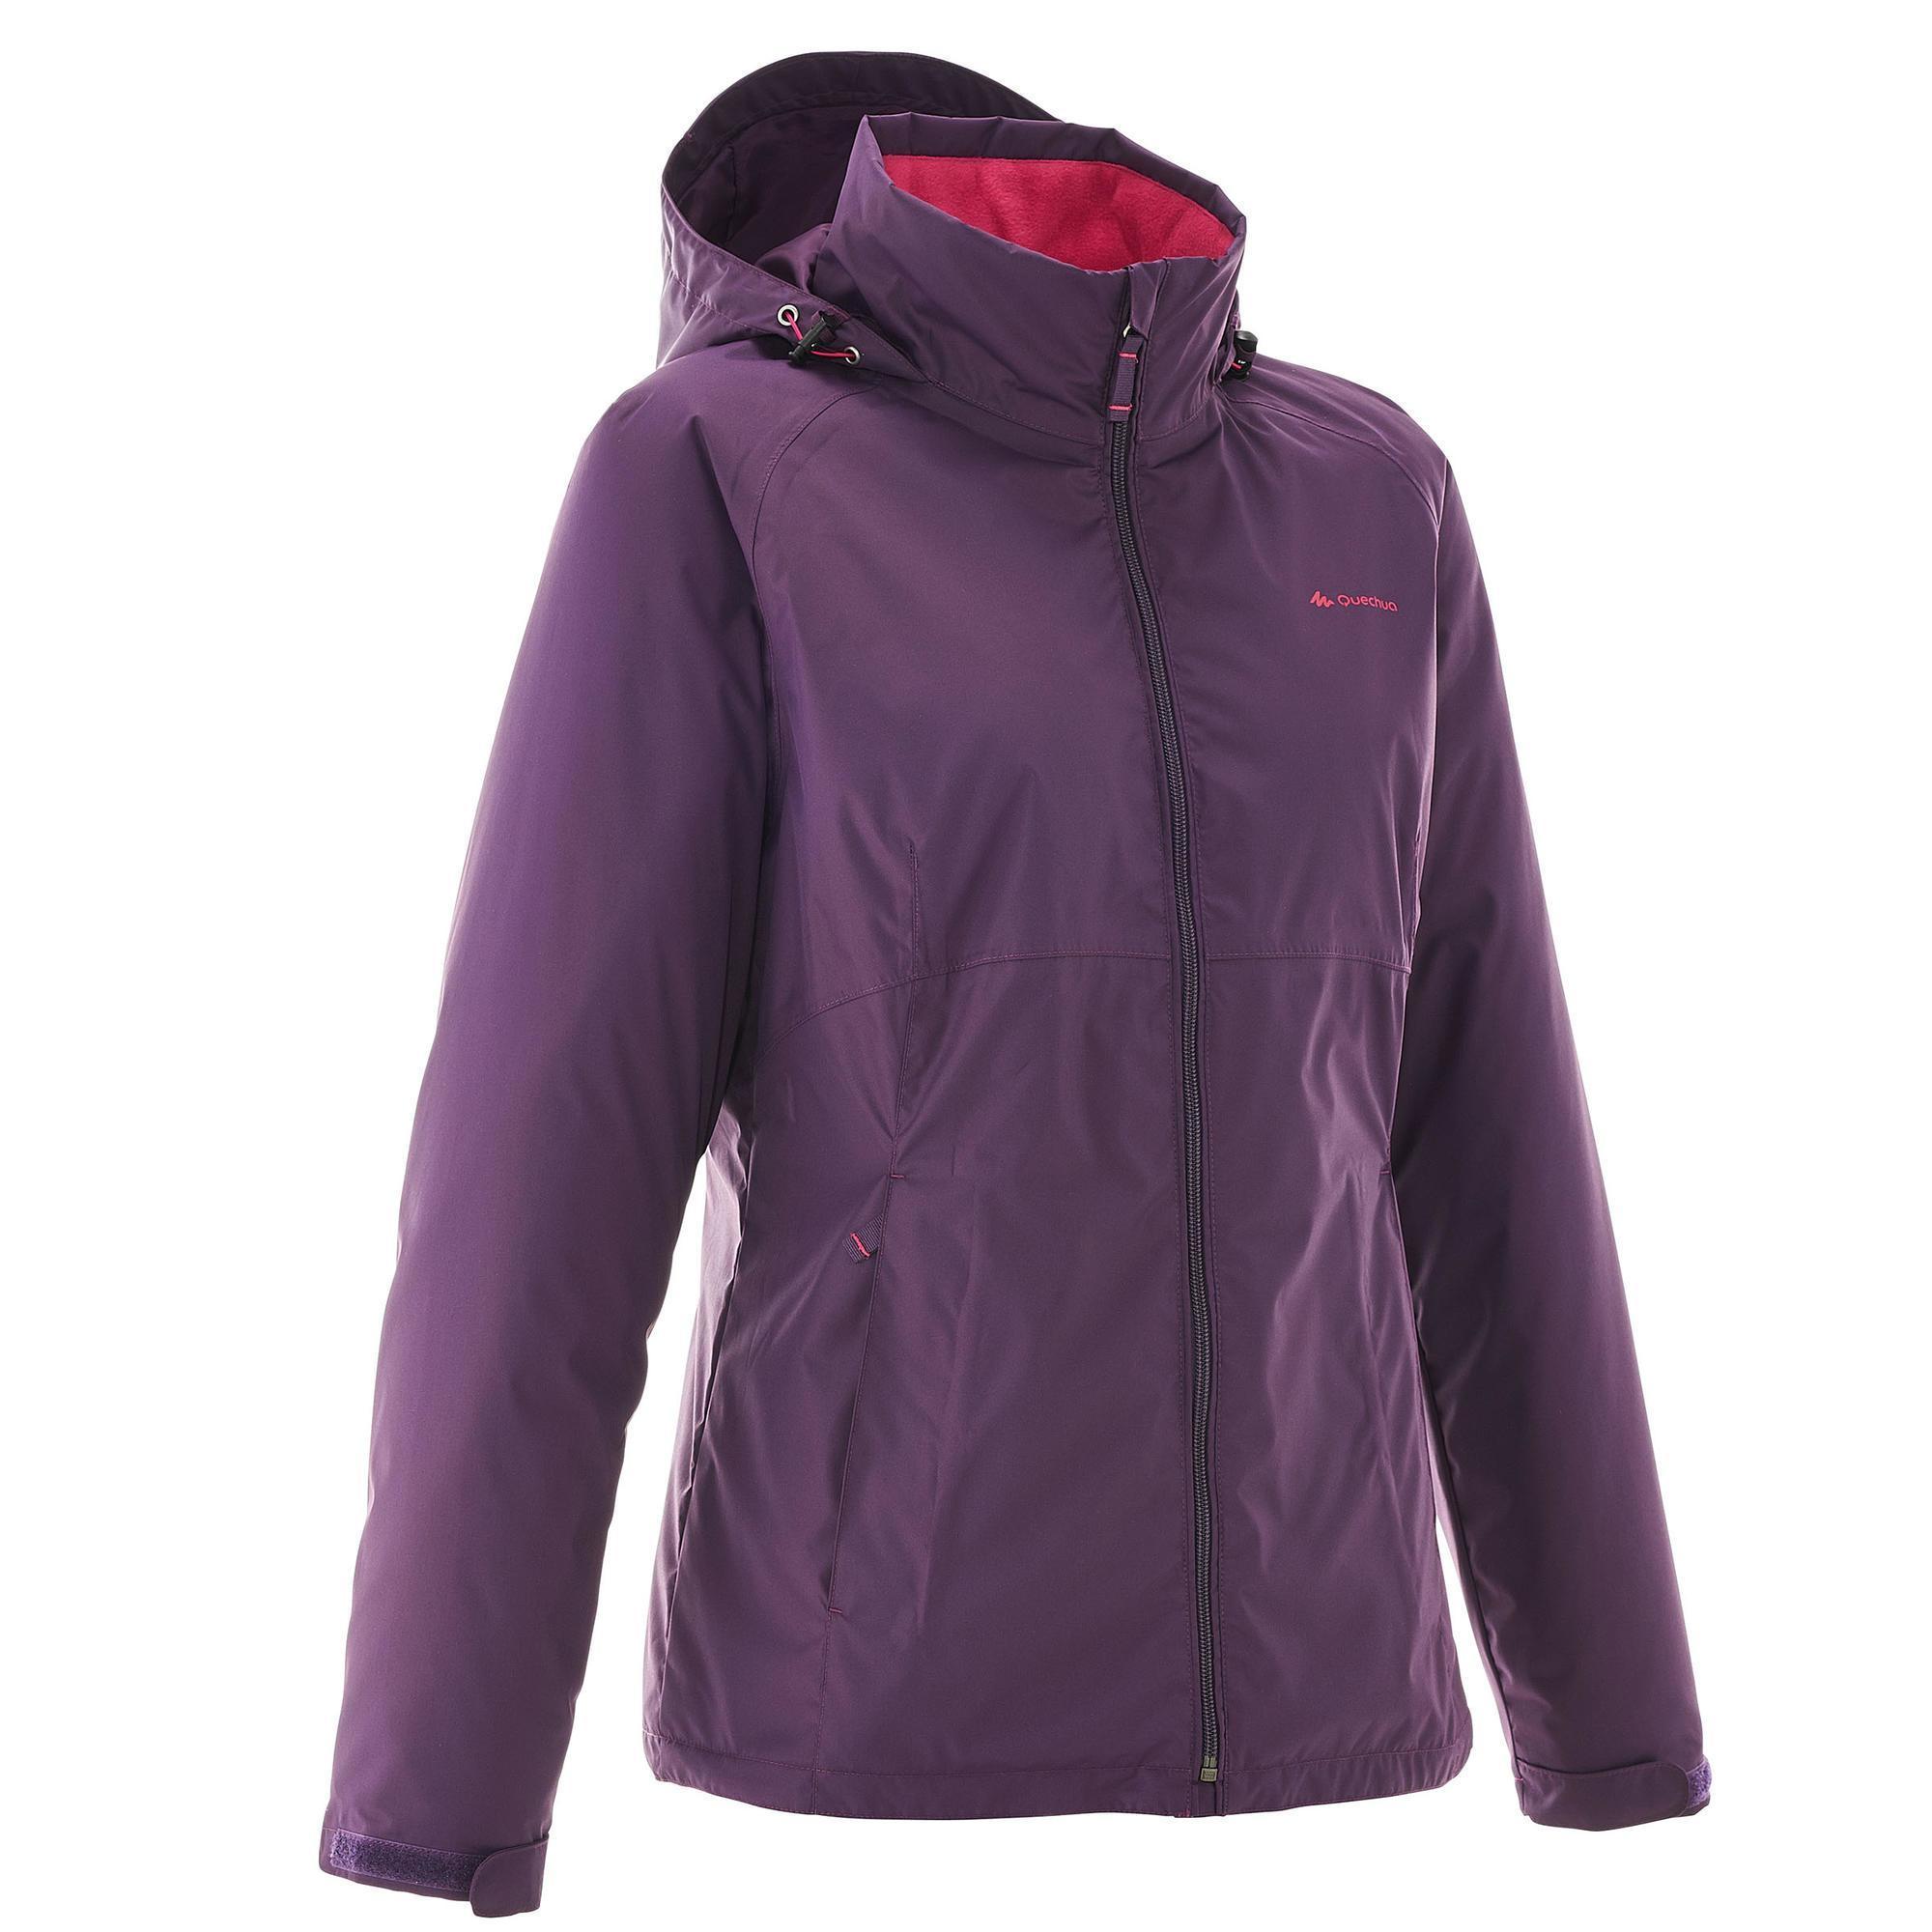 Veste randonn e femme rainwarm 100 violet quechua - Draps jetables decathlon ...